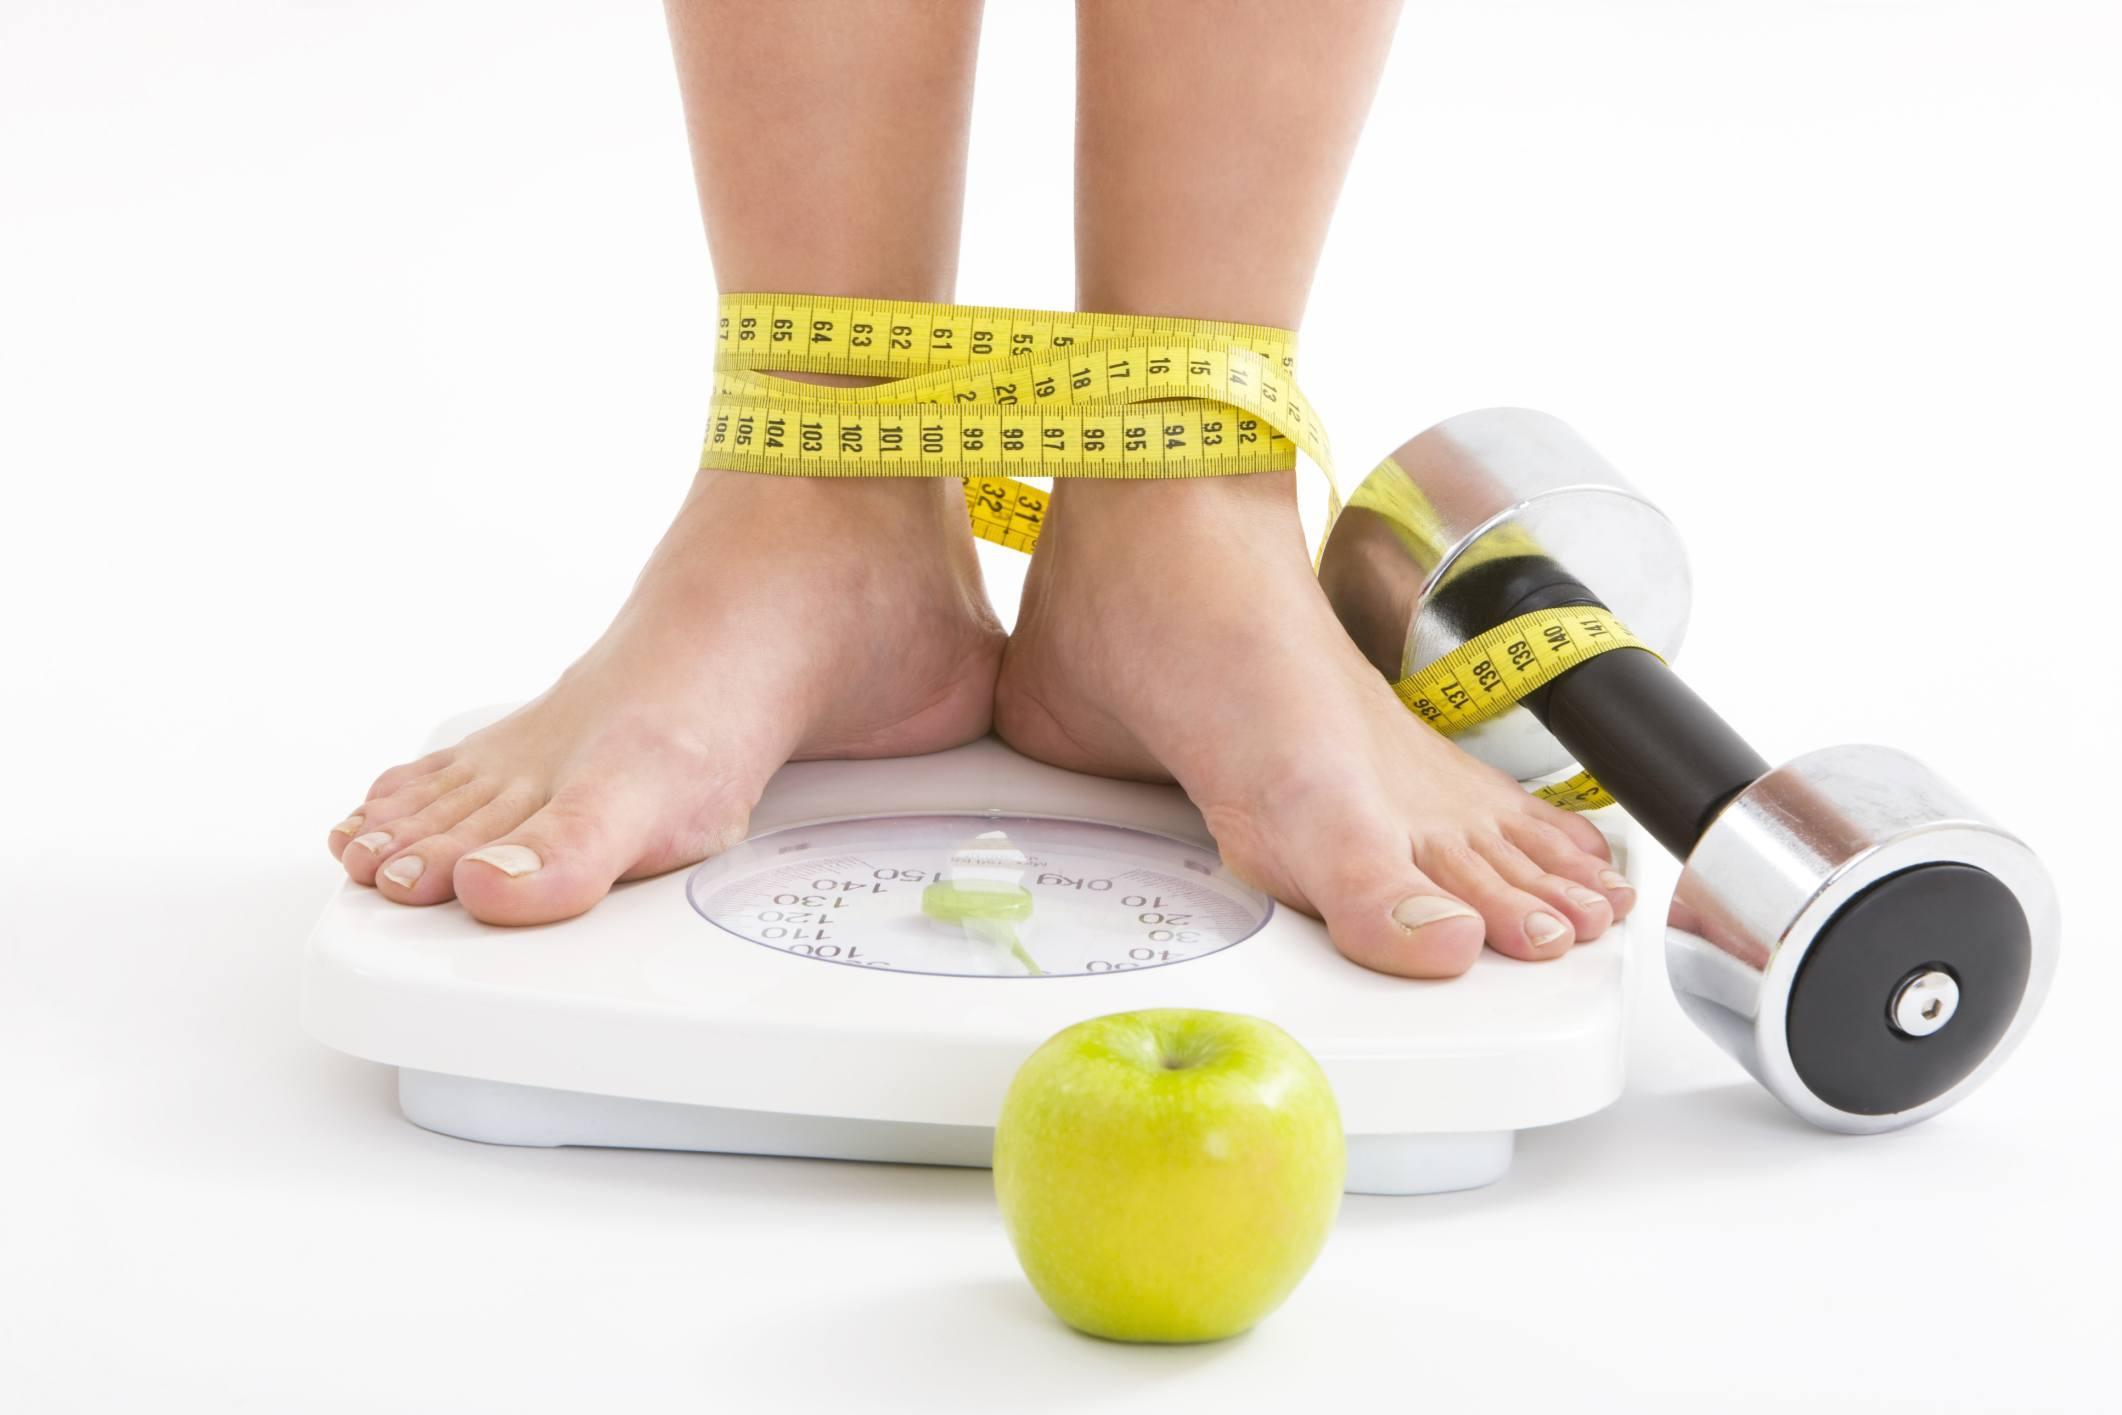 necesito bajar 10 kilos en 3 semanas